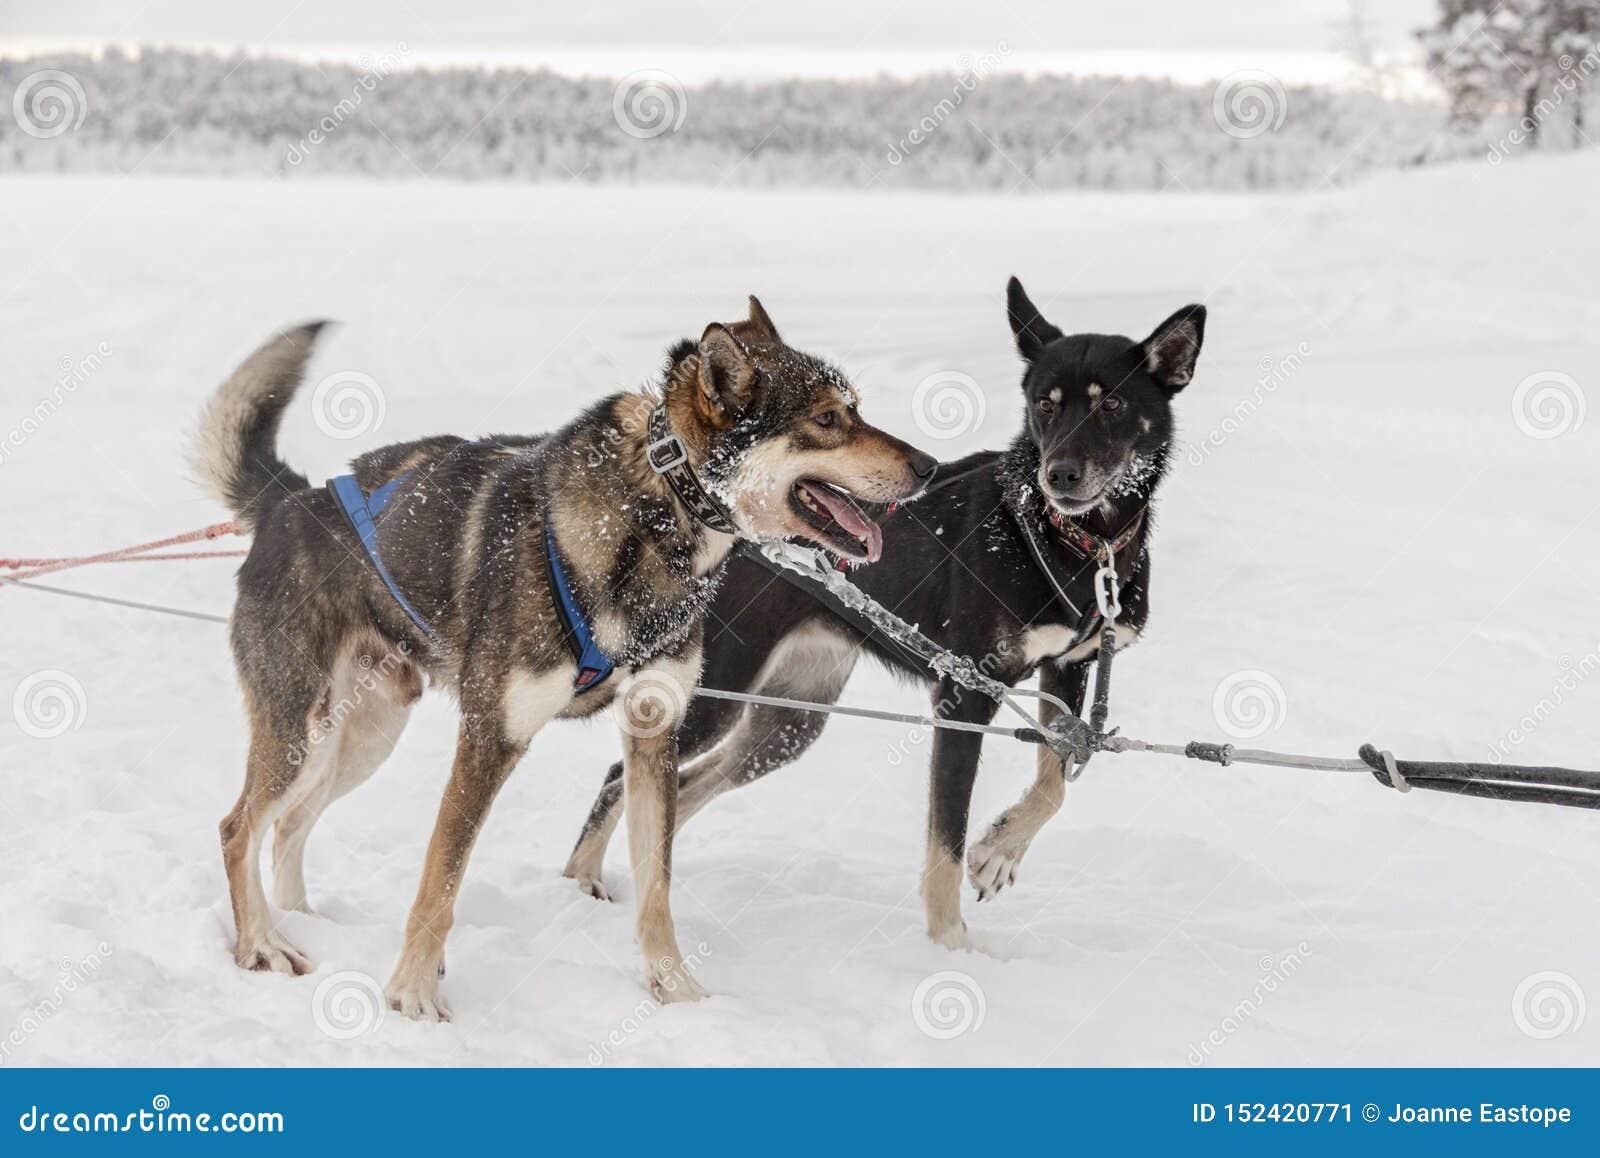 Emparelhe dos cães de puxar trenós que esperam para correr e puxar um trenó